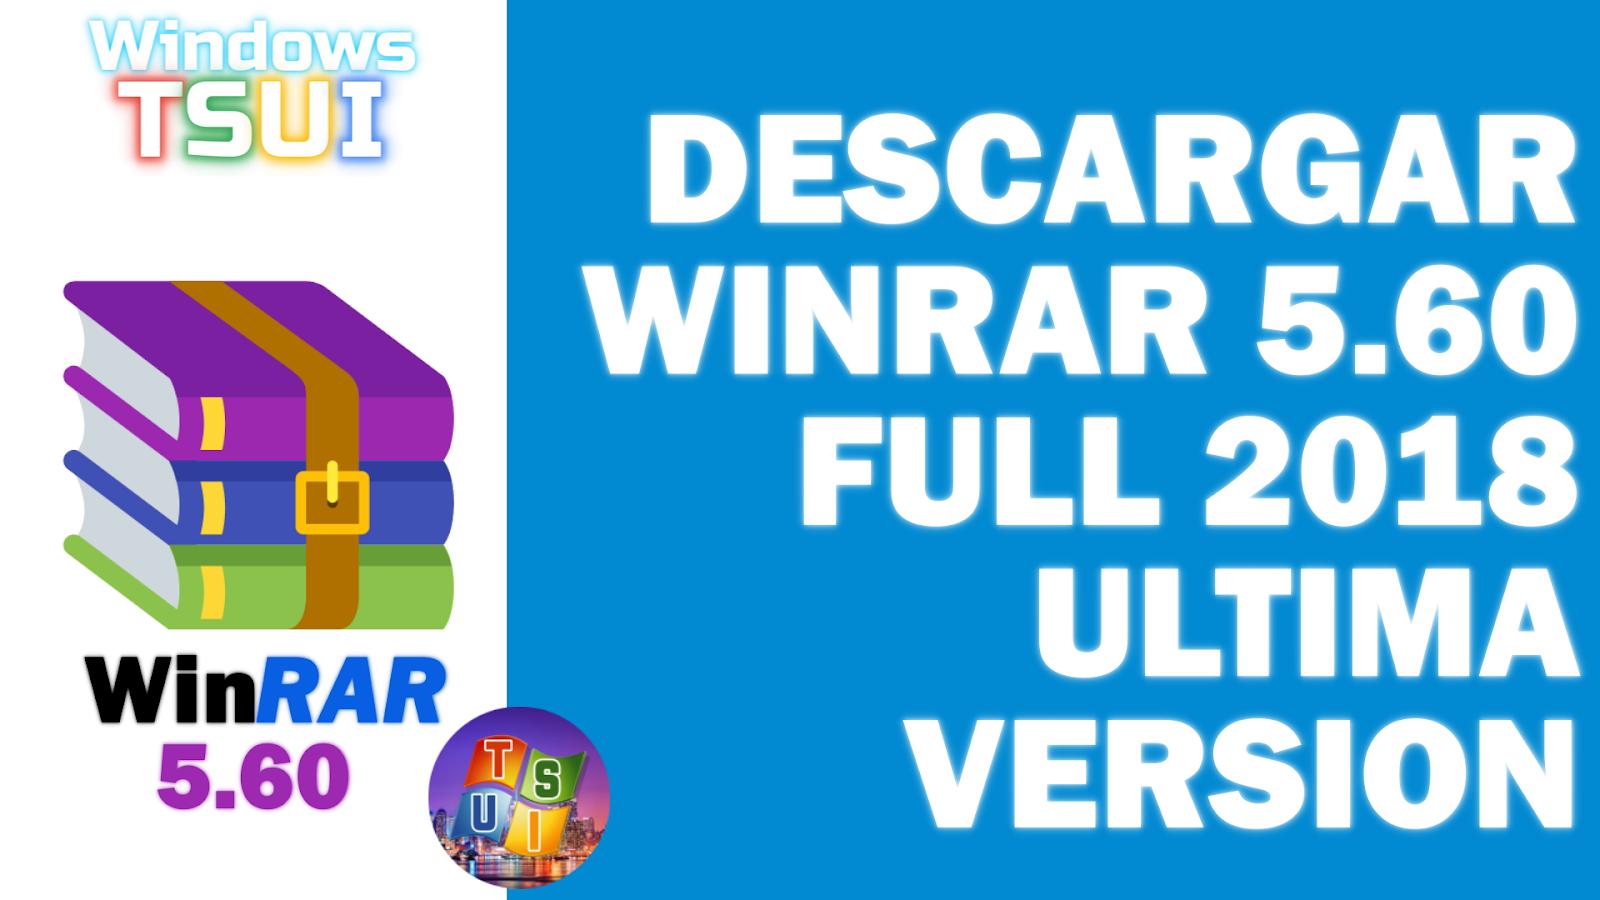 Descarga gratuita de WinRAR (64 bit) 5.80 Beta 1 . Obtén la nueva versión de  WinRAR (64 bit). Un programa para crear archivos RAR de 64bit Gratis Actualizada Descárgalo ahora.  Descarga de Software Gratuito y Juegos para Windows.